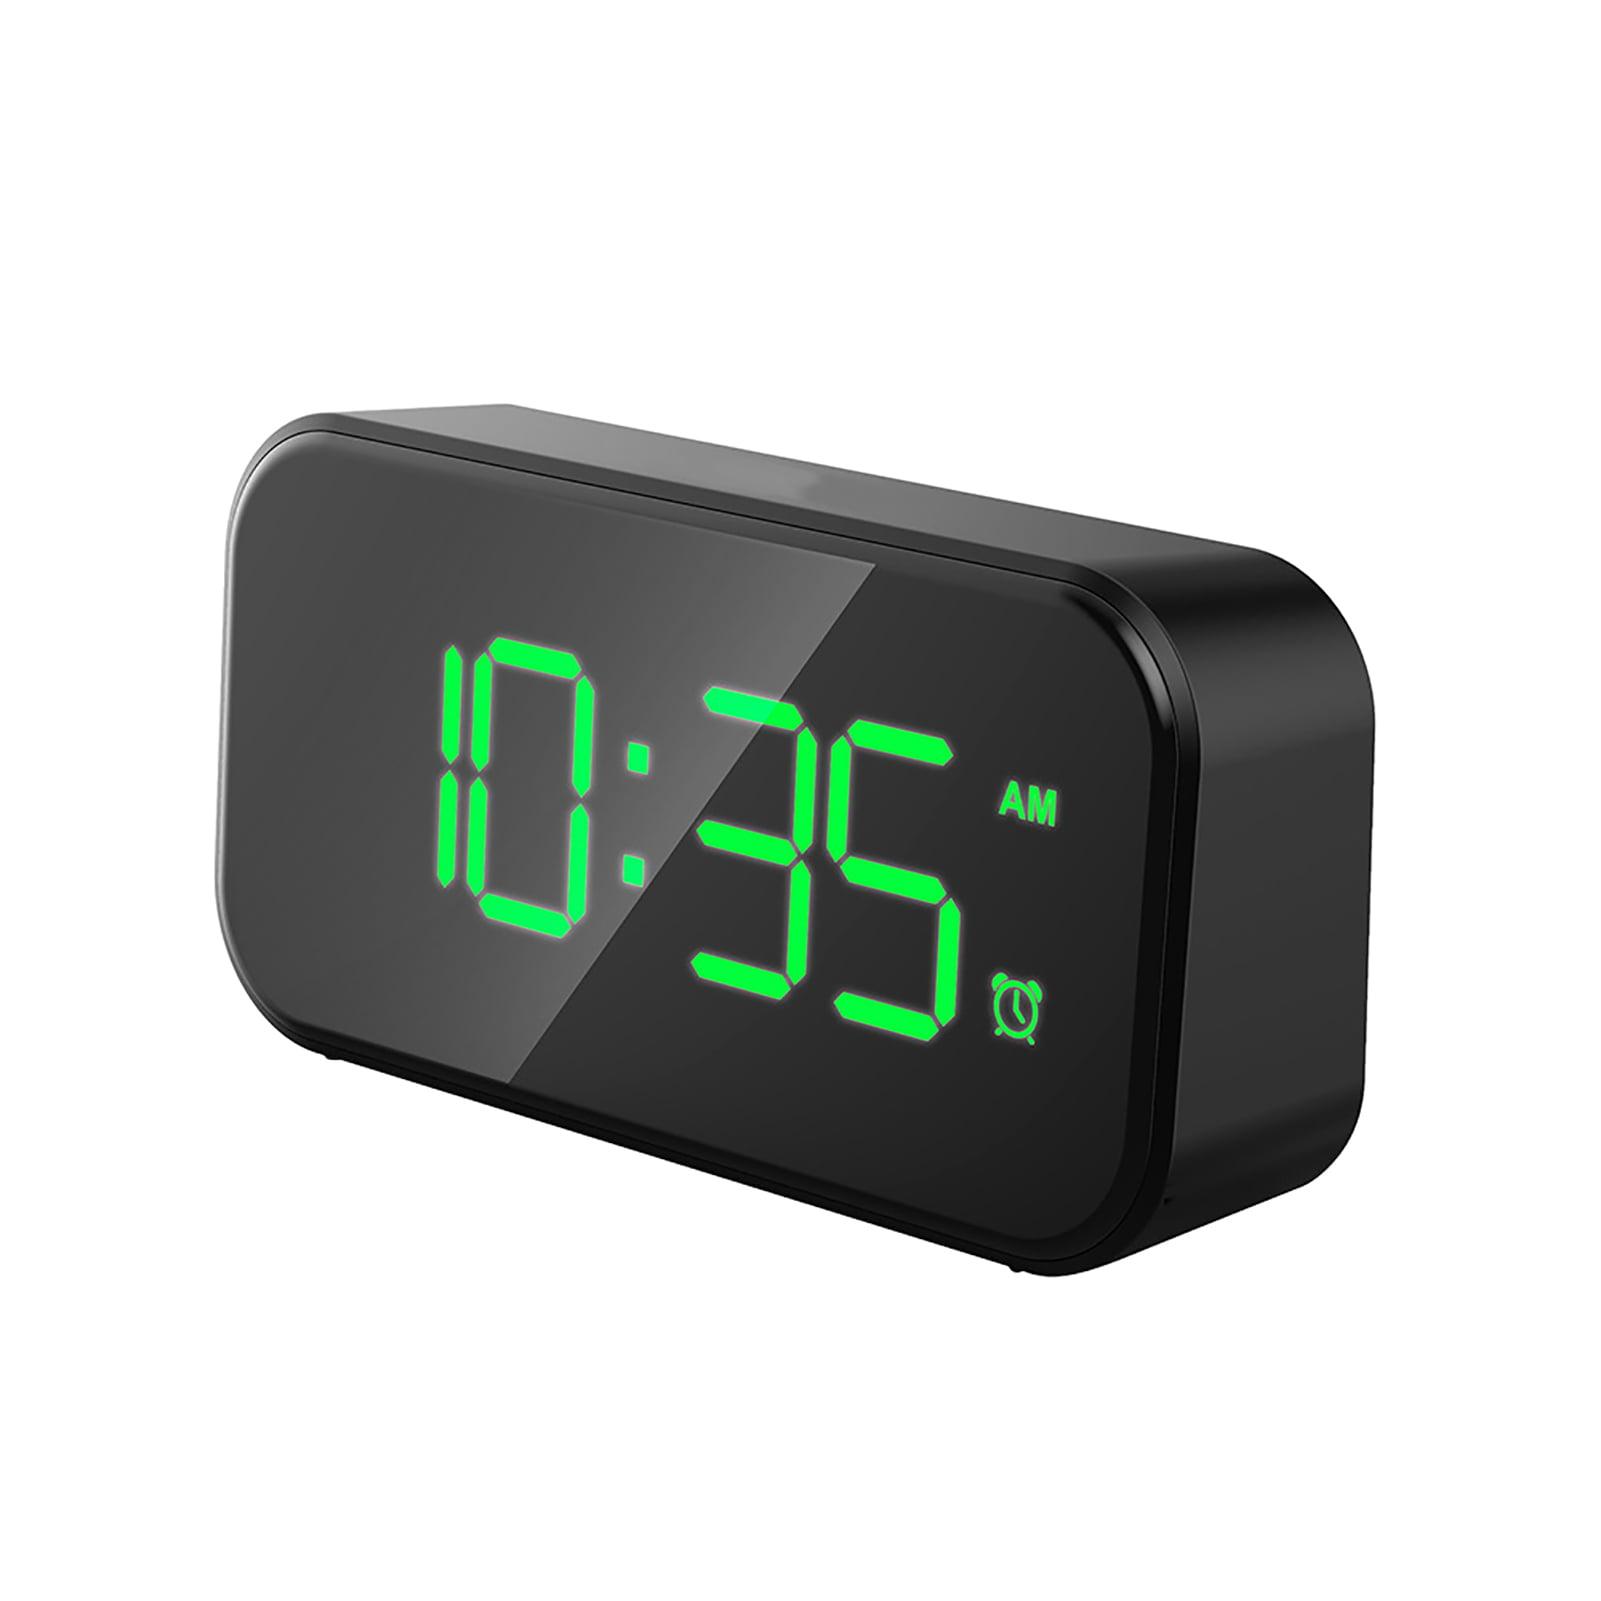 Windfall Led Digital Alarm Clock With Snooze Easy To Set Full Range Brightness Dimmer Adjustable Alarm Compact Clock For Bedrooms Bedside Desk Walmart Com Walmart Com